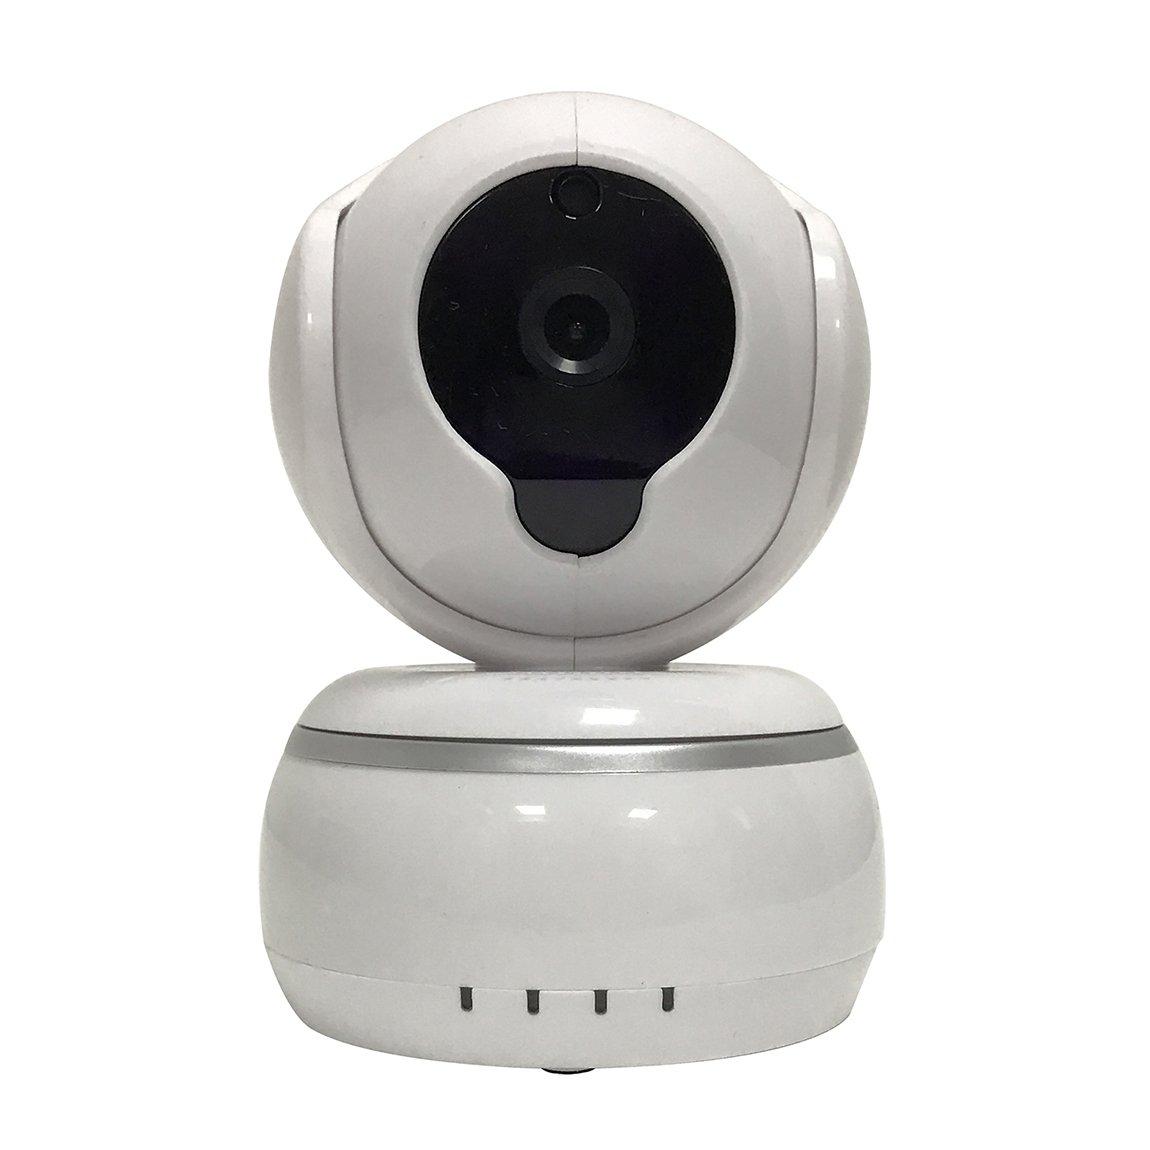 Überwachungssystem Kamera Innen IP Wireless 720p HD Kamera Wifi Video Kamera mit Nachtsicht, Mikrofon und Lautsprecher, Halterung Remote gesehen